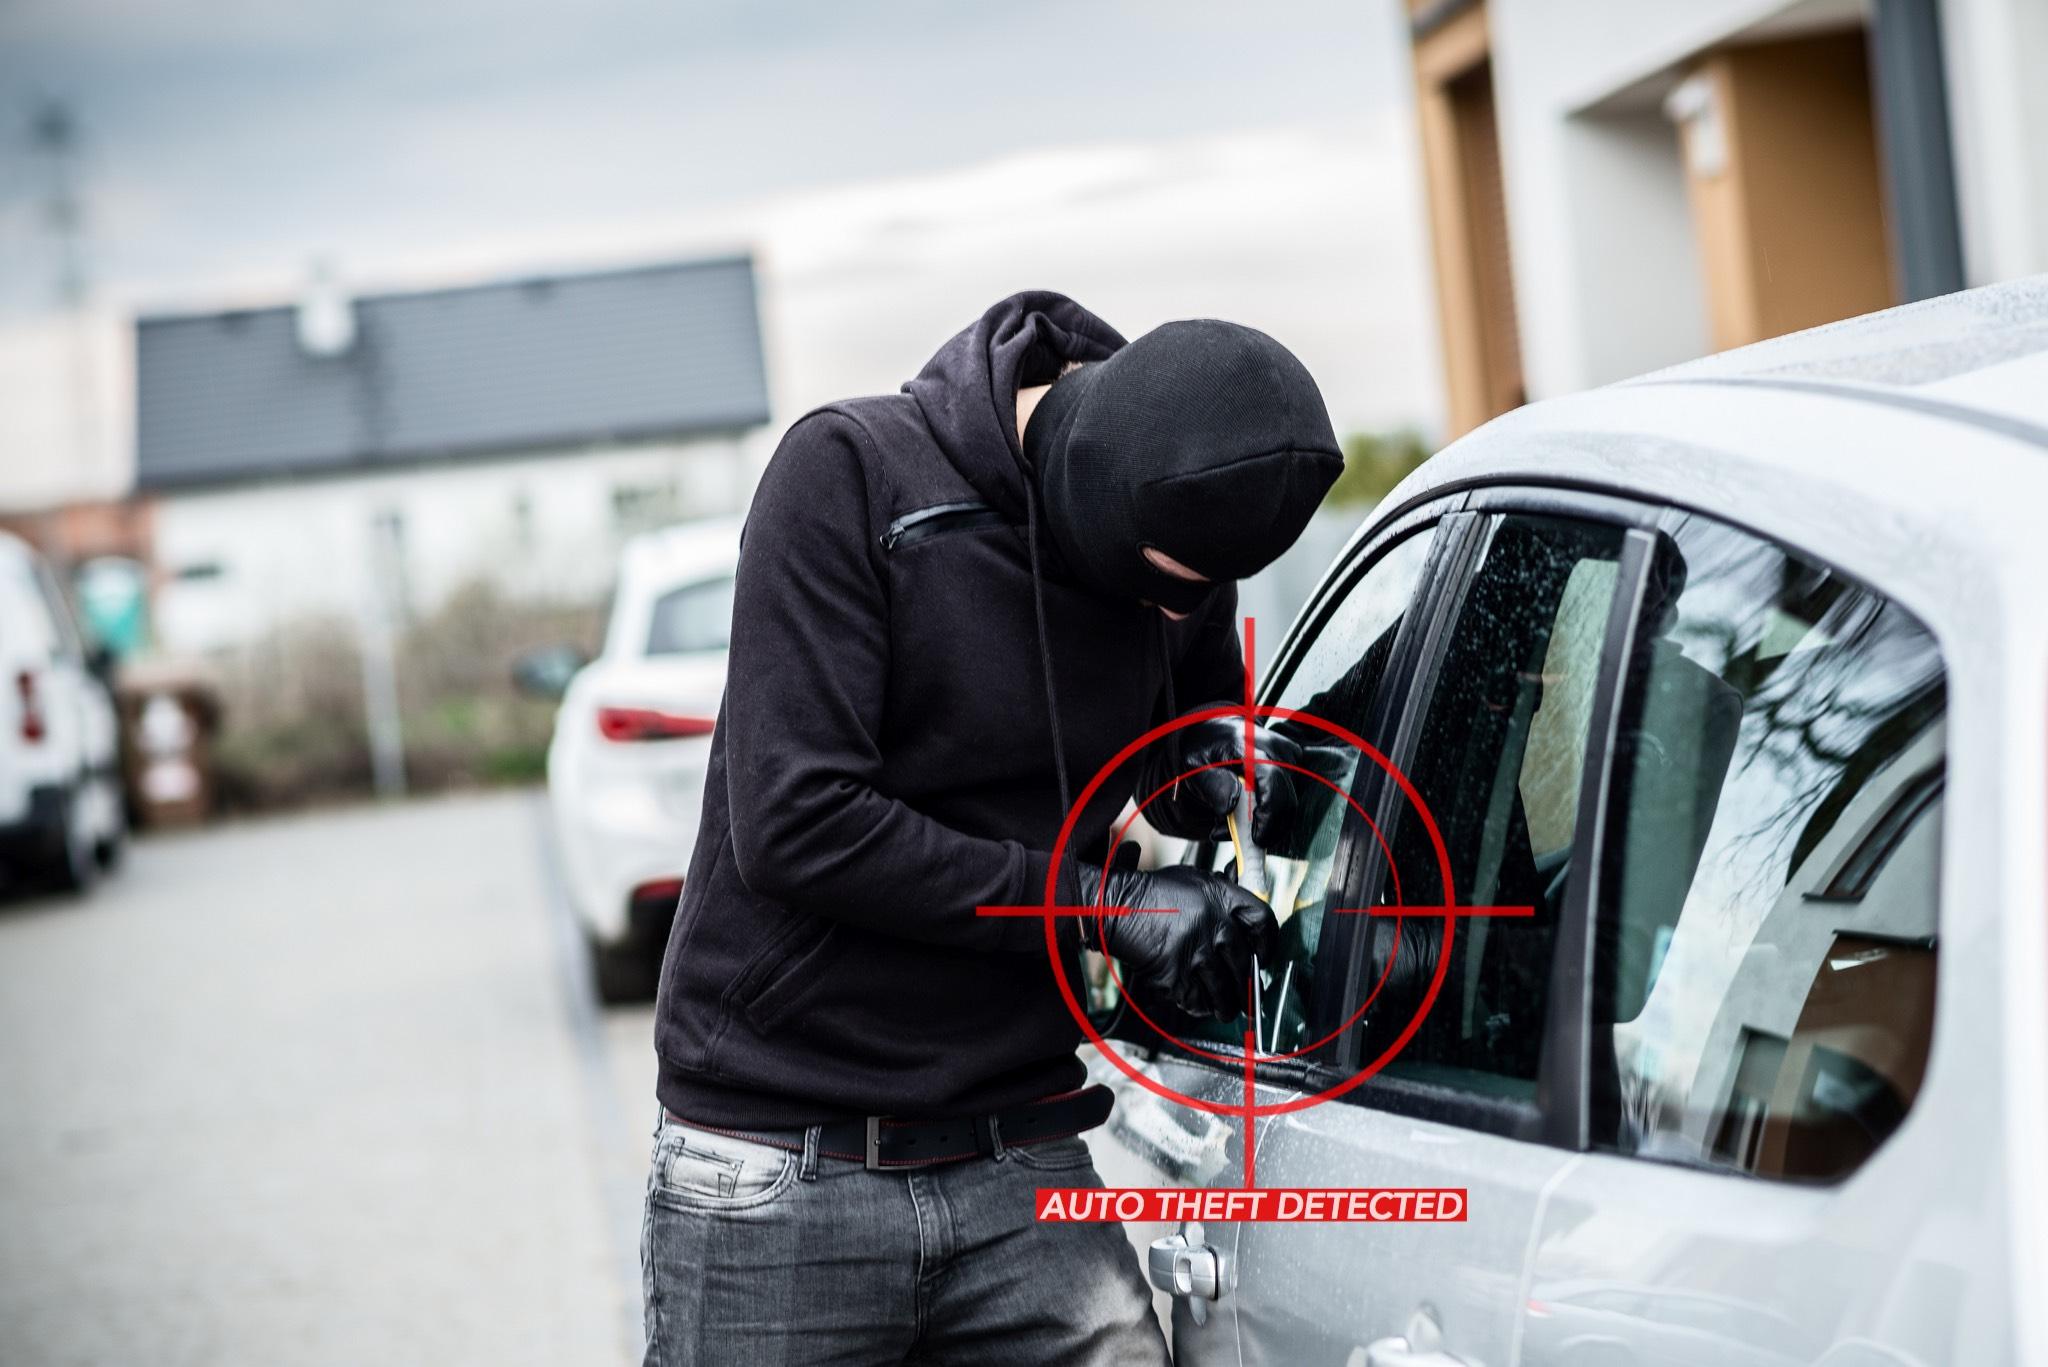 Auto Theft Detected